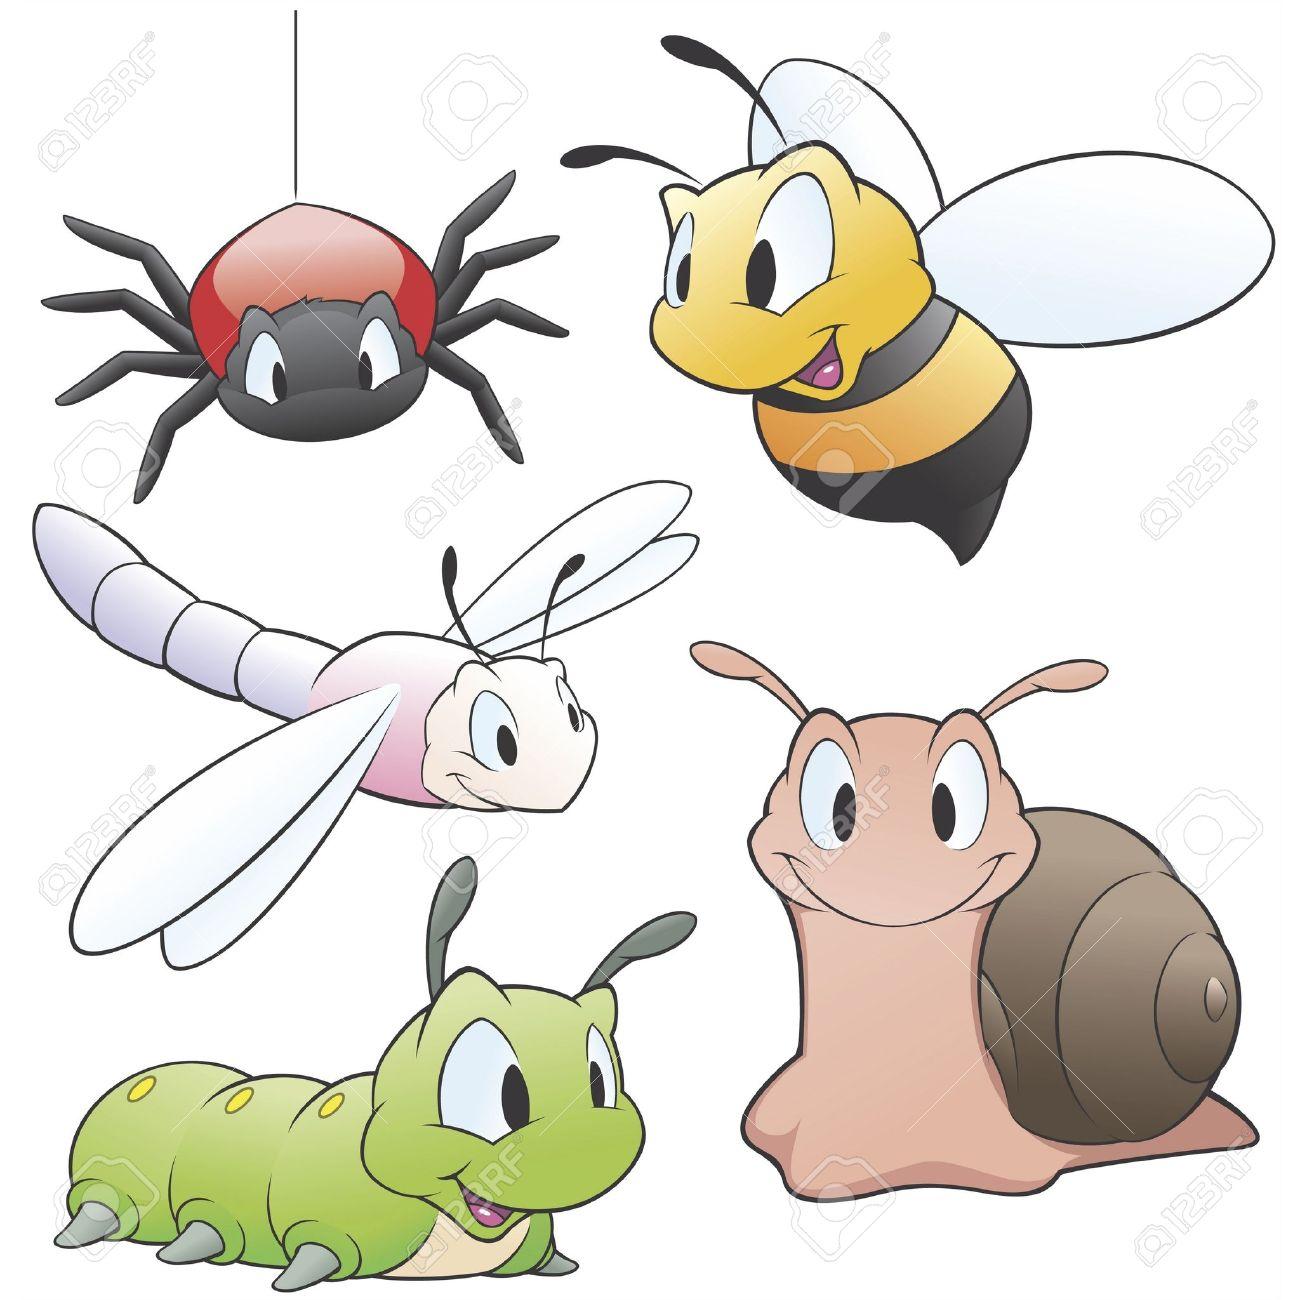 一連のデザイン要素のための漫画庭の動物のベクトル イラスト。グループ